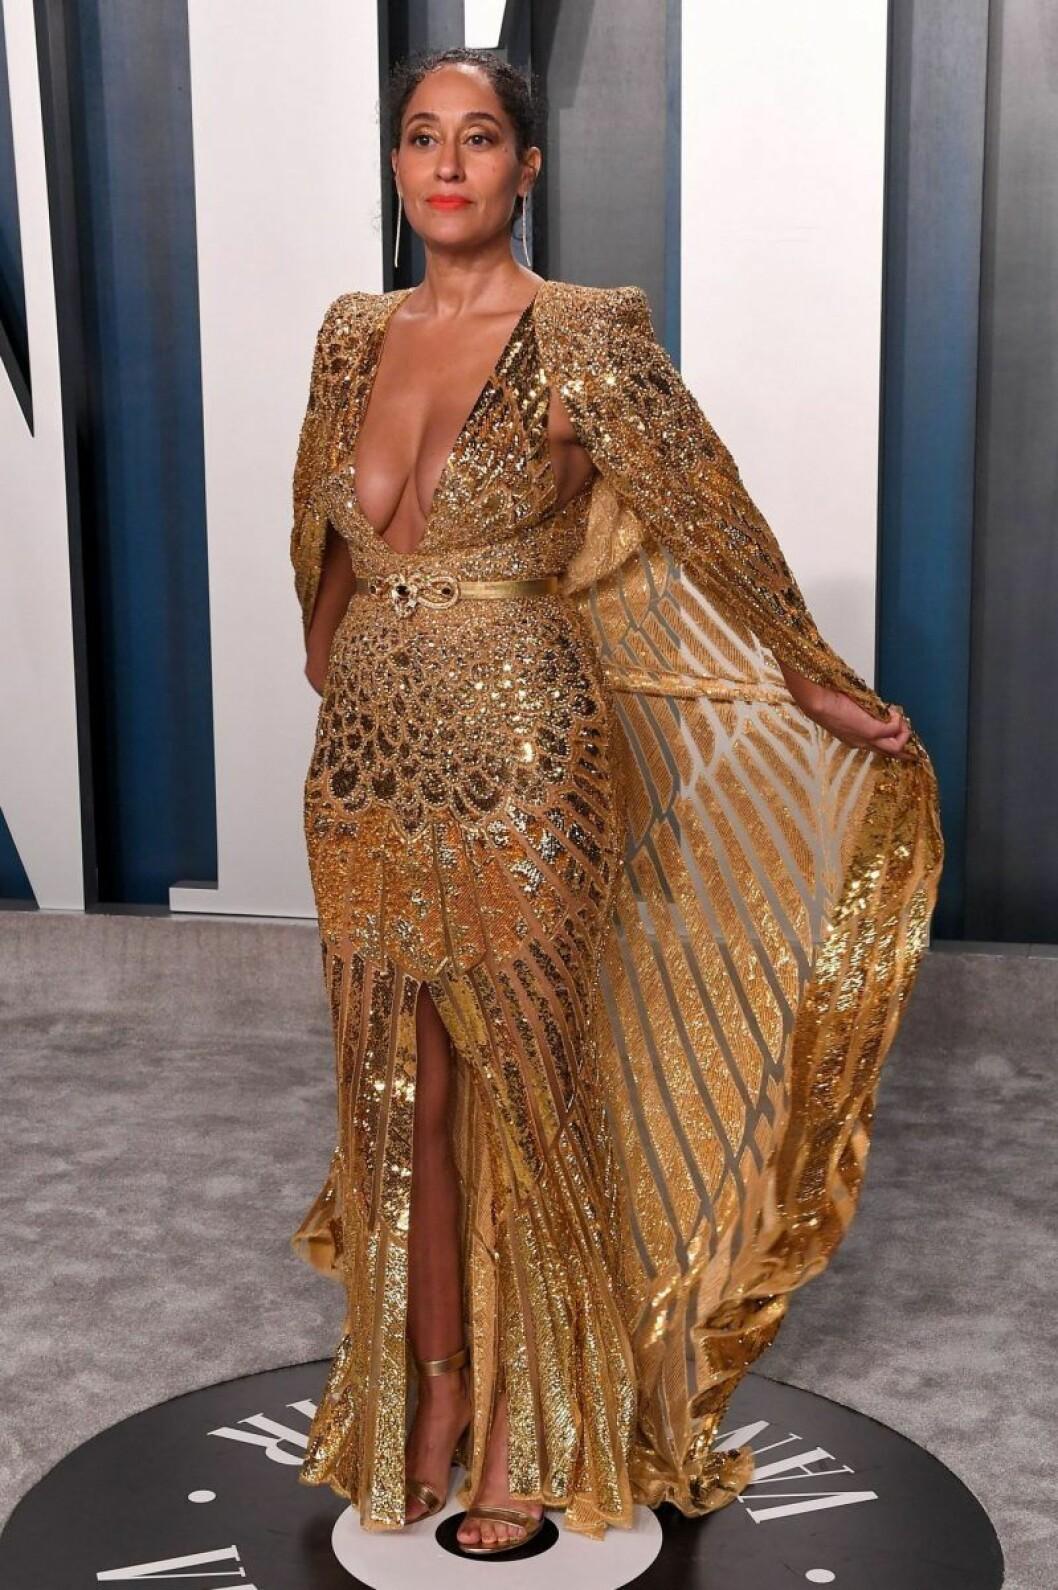 Tracee Ellis Ross i guldig klänning